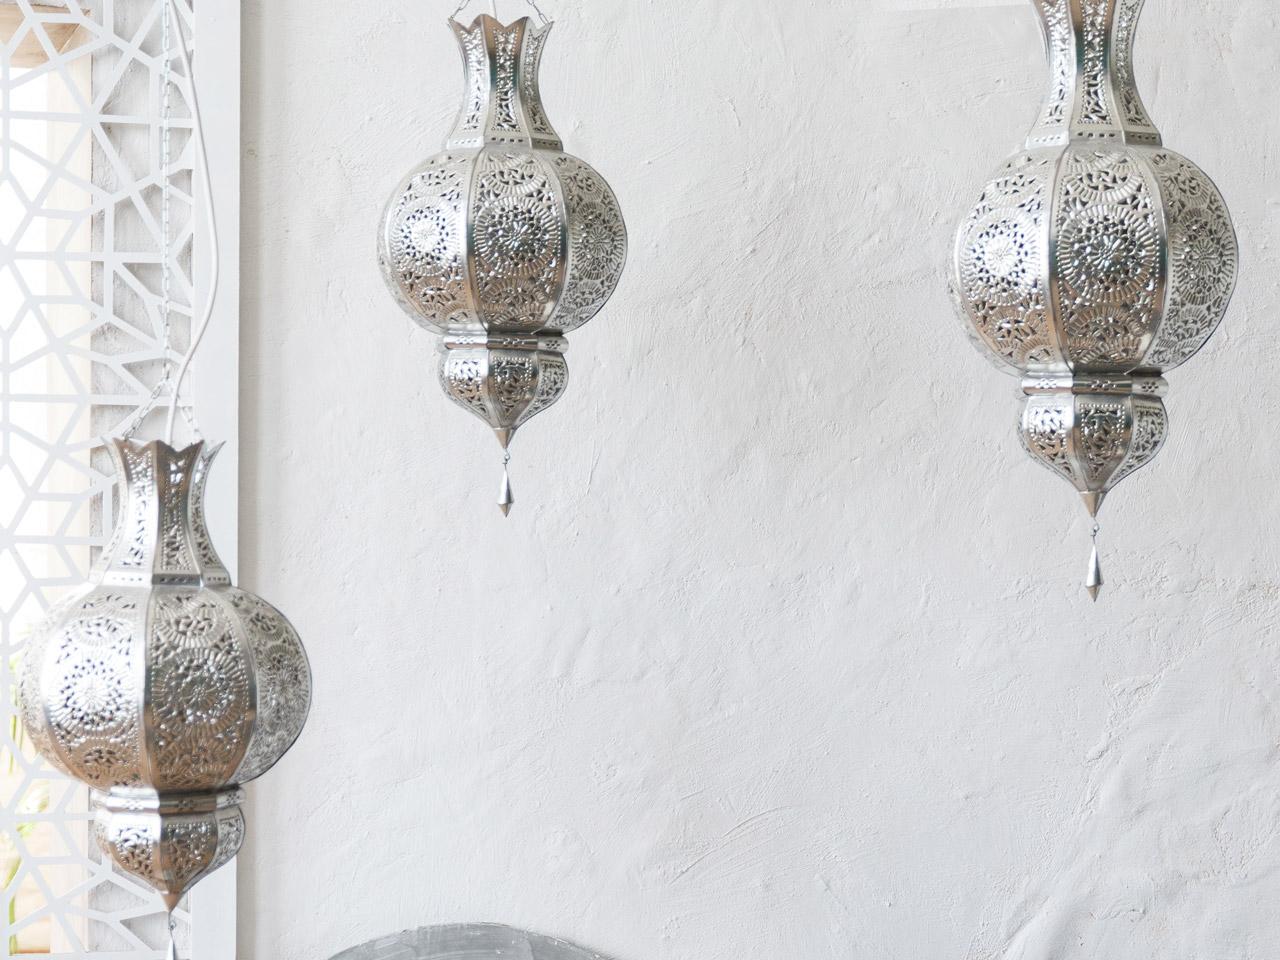 Full Size of Orientalisches Schlafzimmer Einrichtungsideen Dekorationde Deckenlampe Lampen Küche Stehlampe Wohnzimmer Luxus Set Weiß Vorhänge Tapeten Komplett Mit Wohnzimmer Ideen Schlafzimmer Lampe